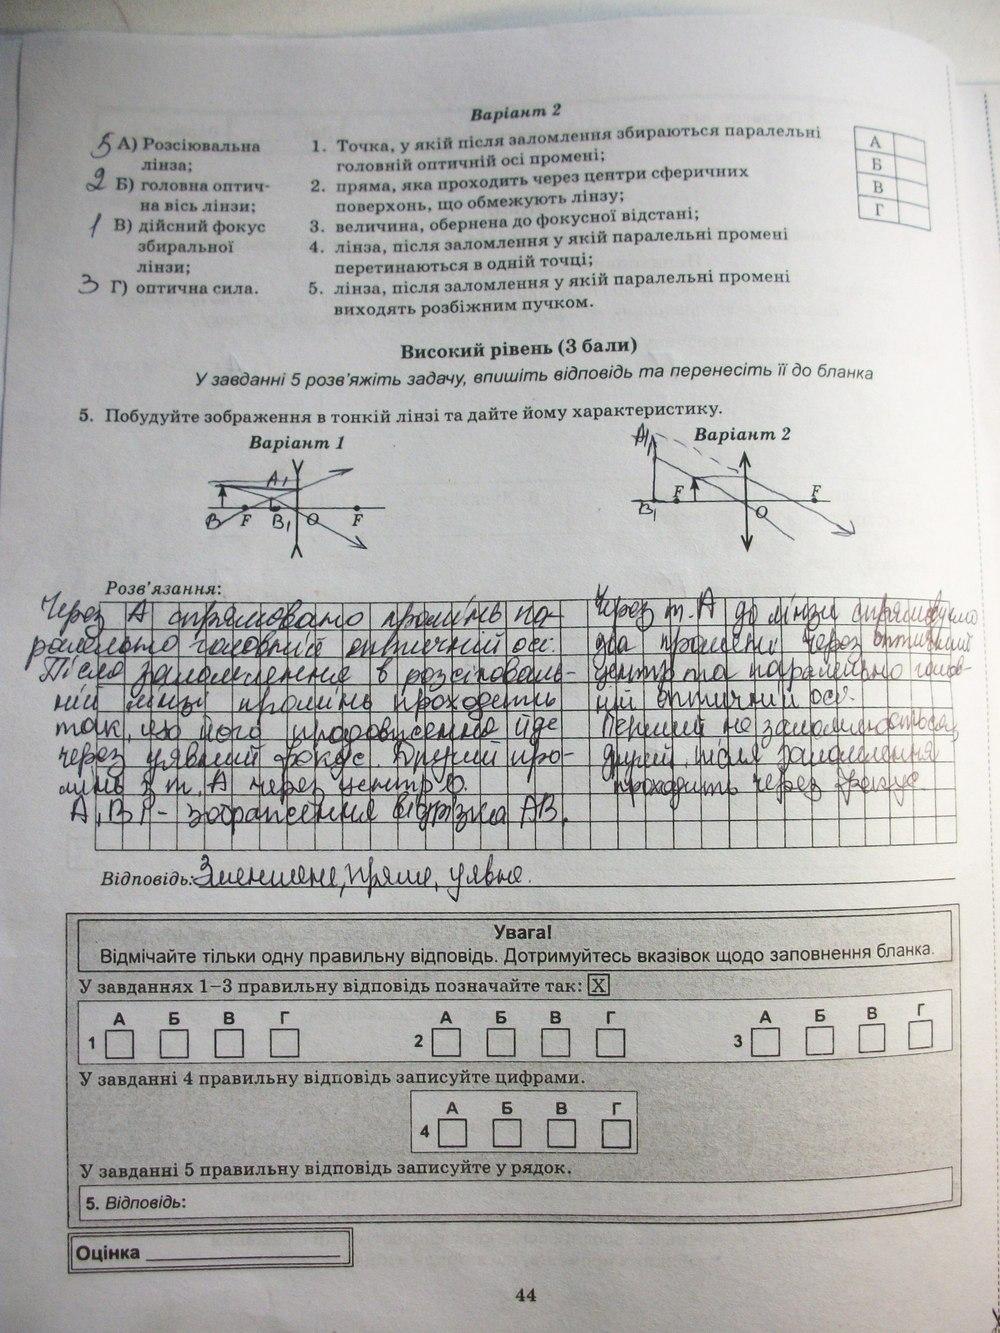 ГДЗ по физике 7 класс Чертіщева М. О.. Задание: стр. 44